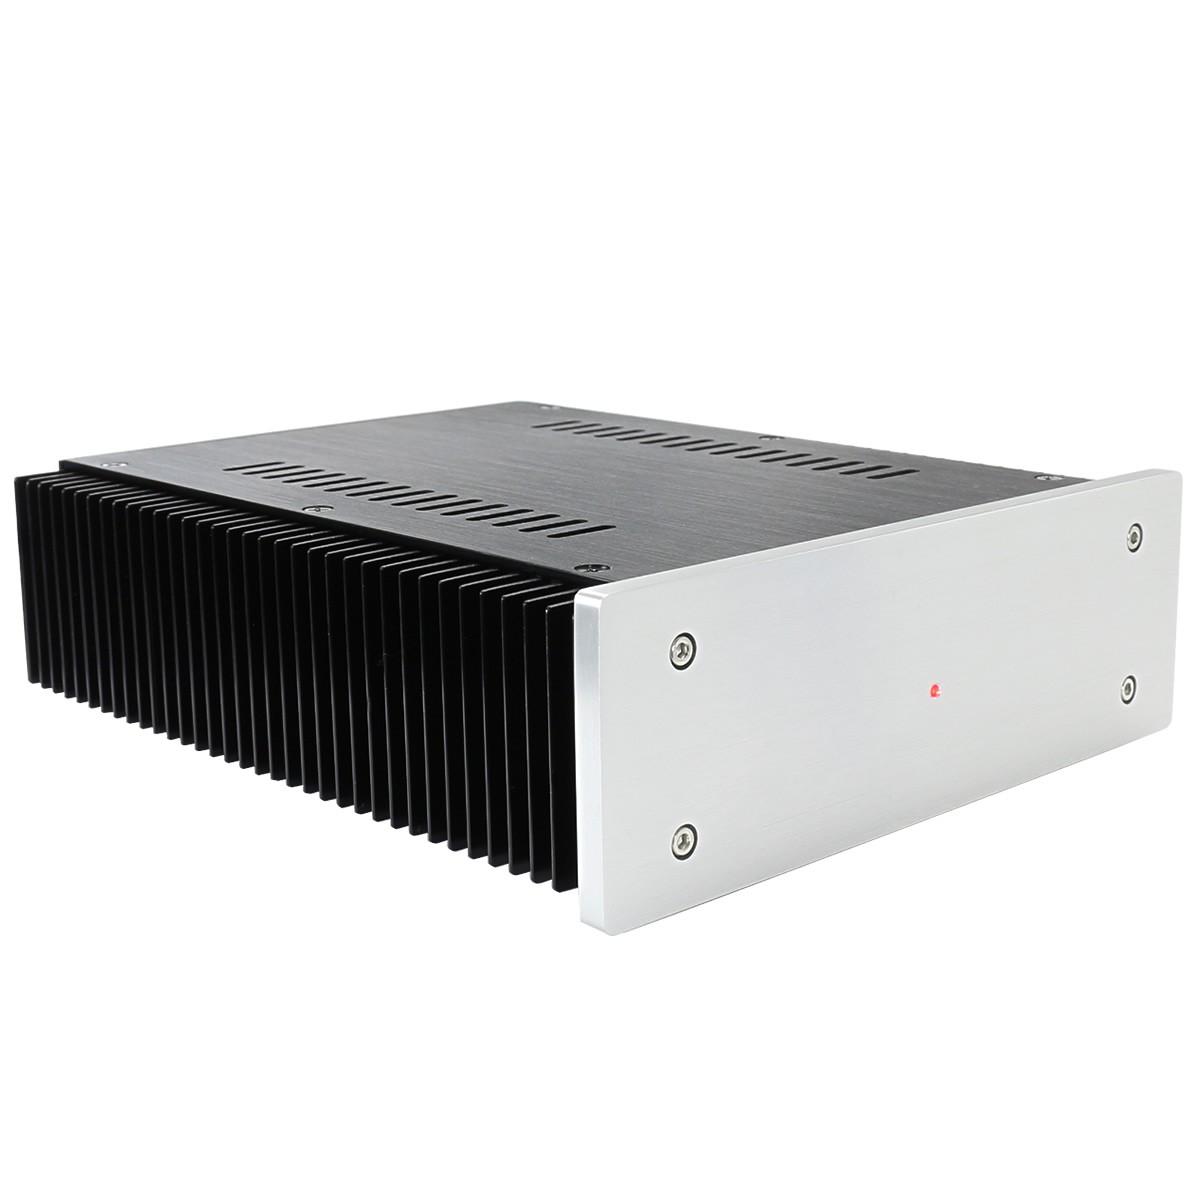 LPSU200 Alimentation stabilisée linéaire HiFi 12V + 5V 6.35A 200W NAS / Freebox / Squeezebox